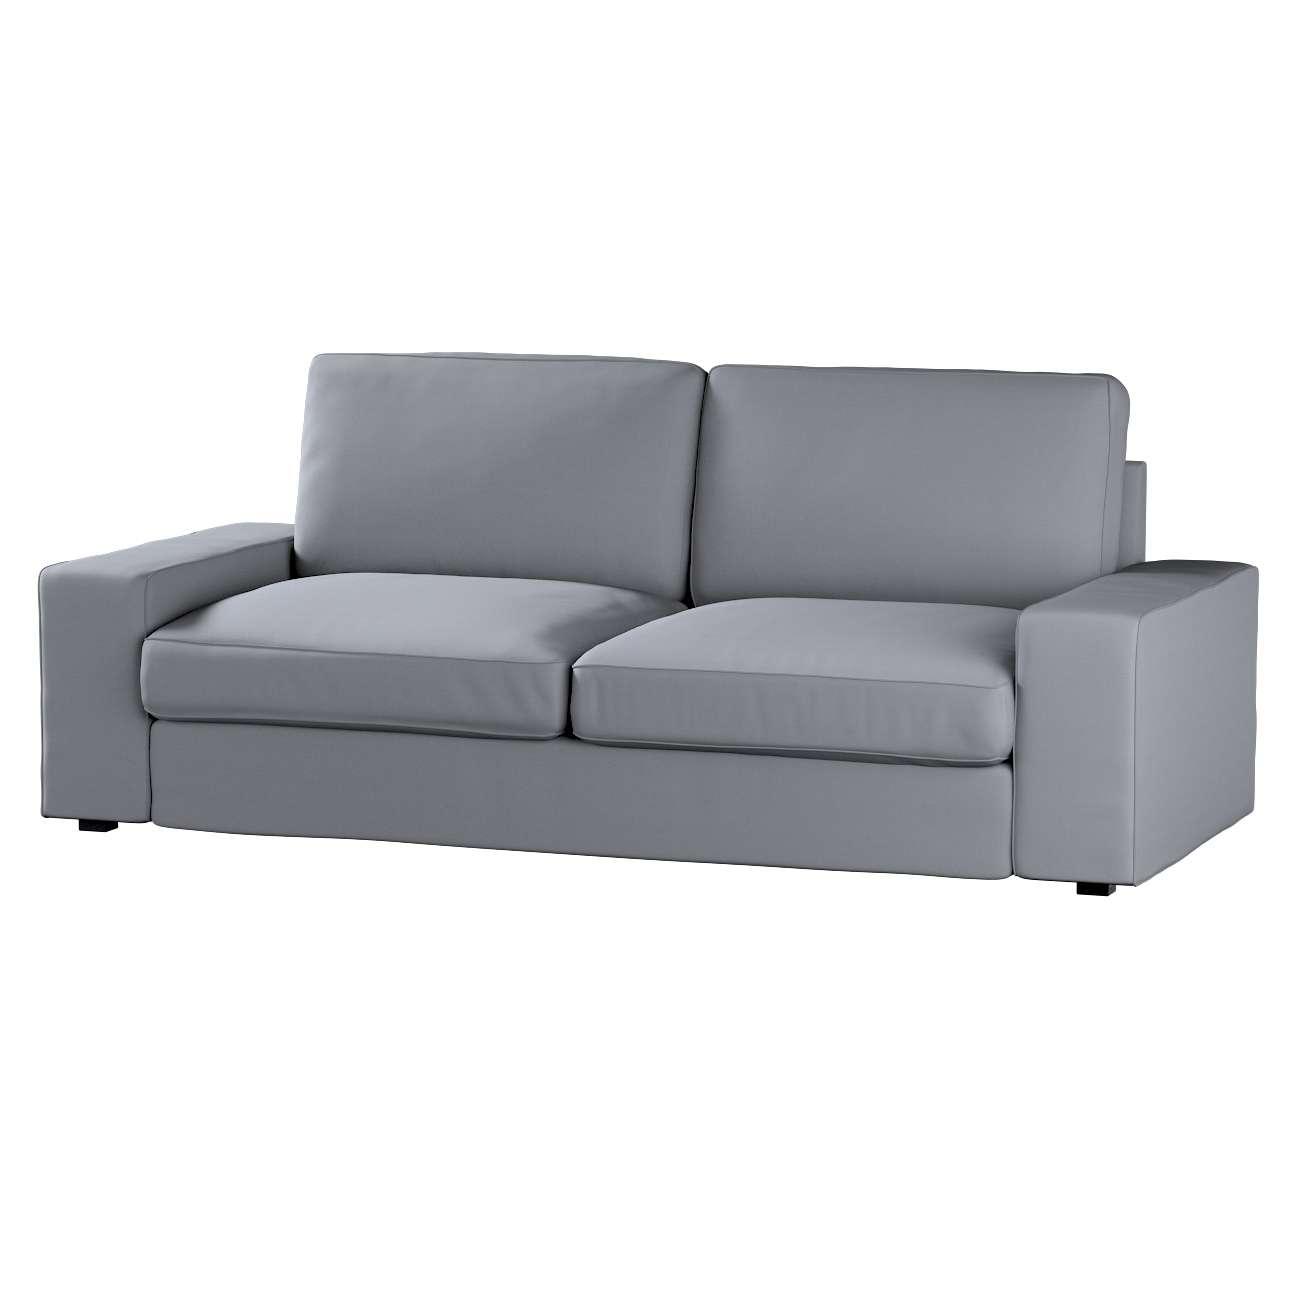 Pokrowiec na sofę Kivik 3-osobową, rozkładaną Sofa Kivik 3-osobowa rozkładana w kolekcji Cotton Panama, tkanina: 702-07